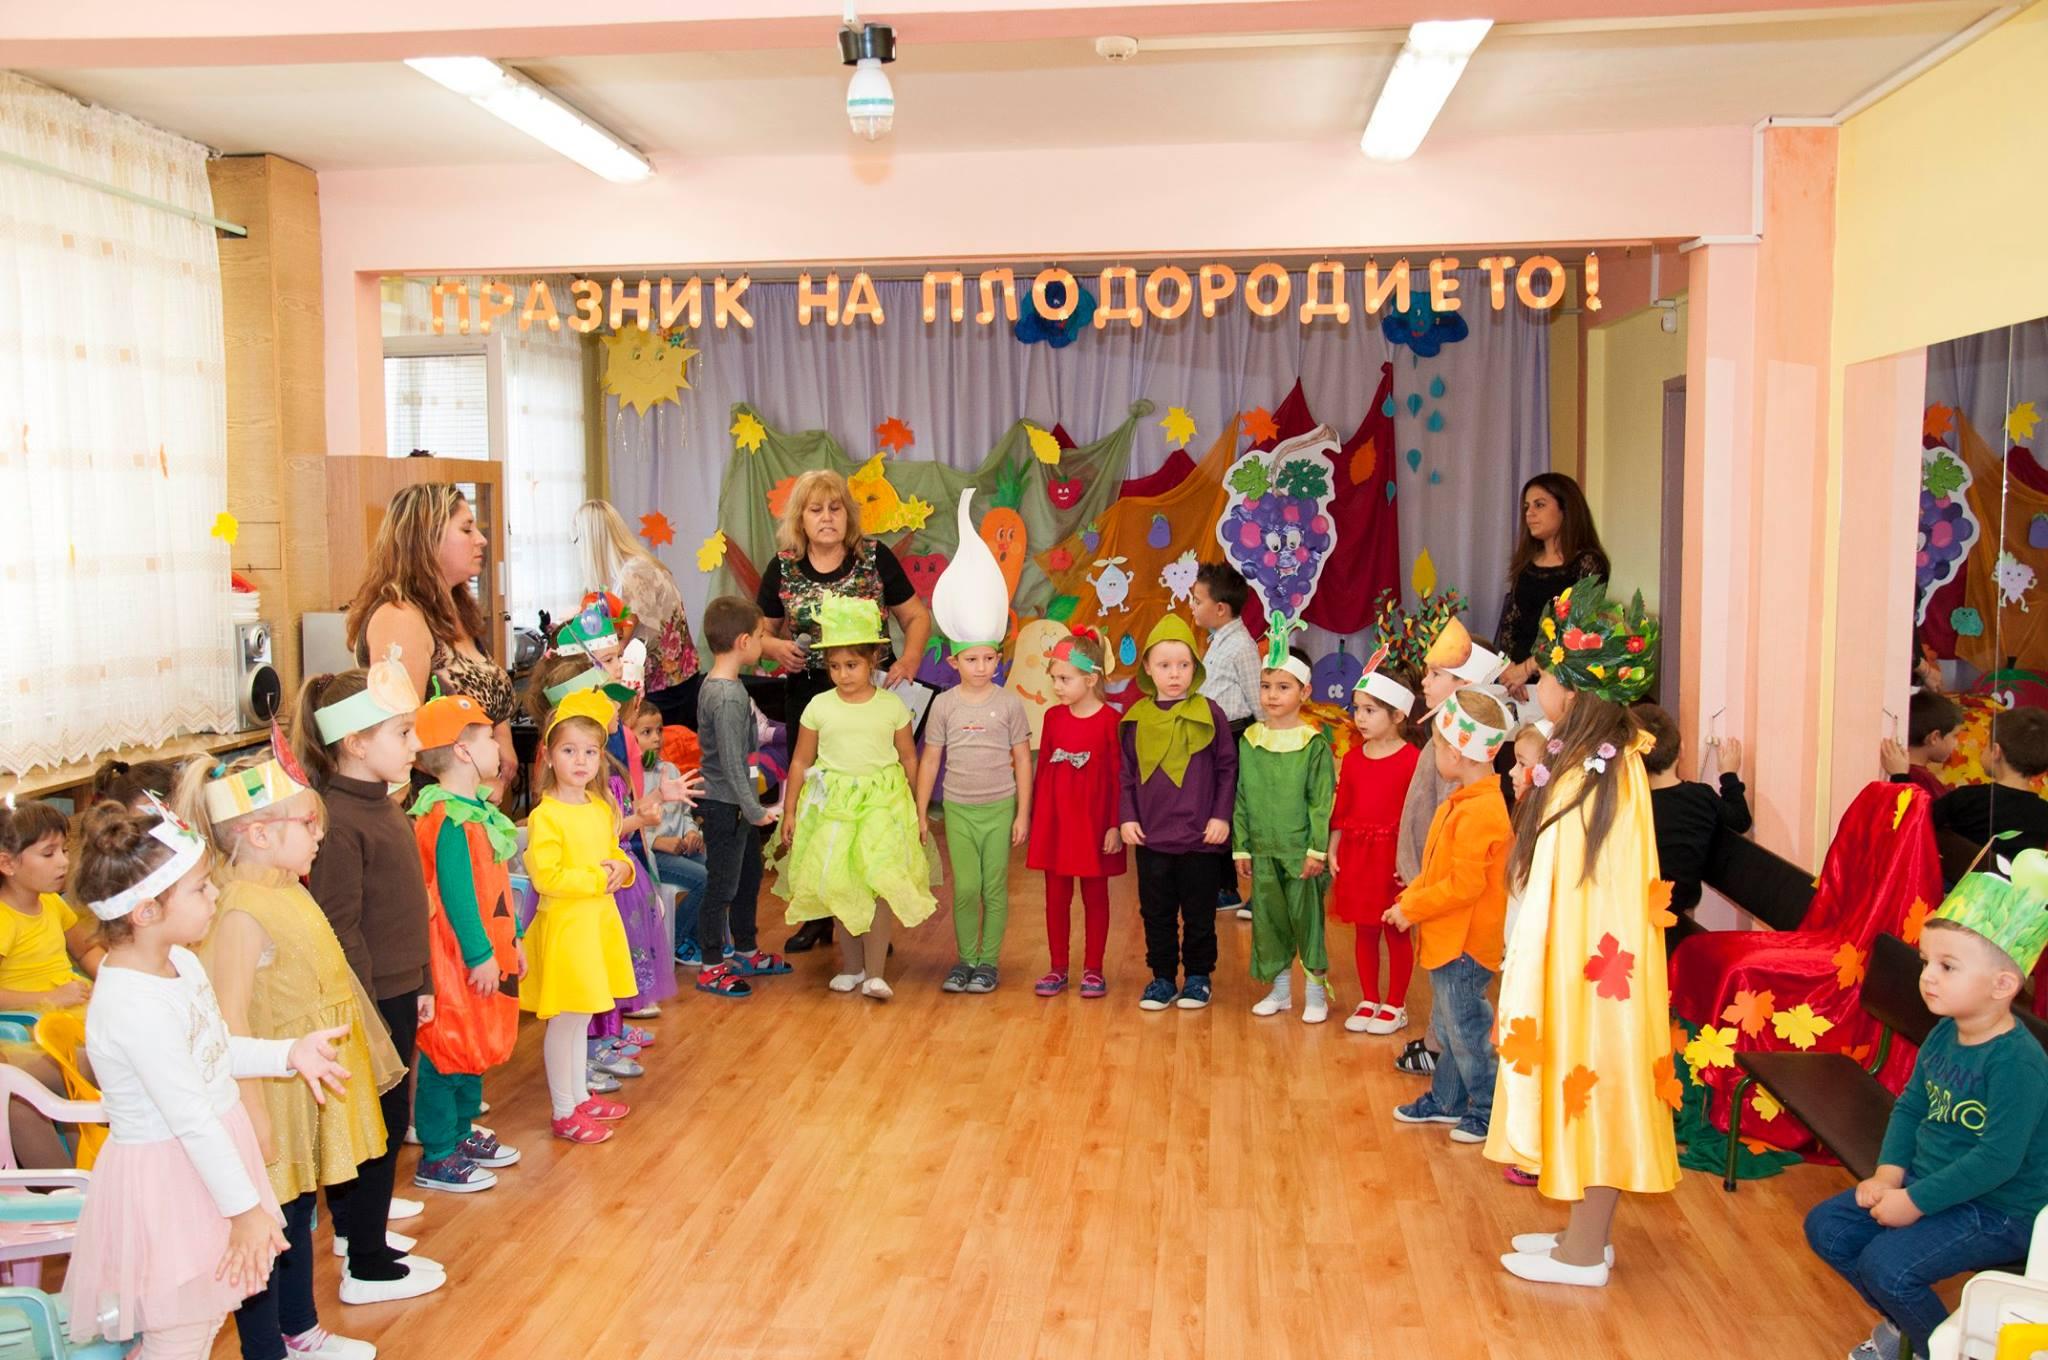 """Празник на плодородието в ДГ №34 """"Лястовичка""""- 30.10.2018г"""